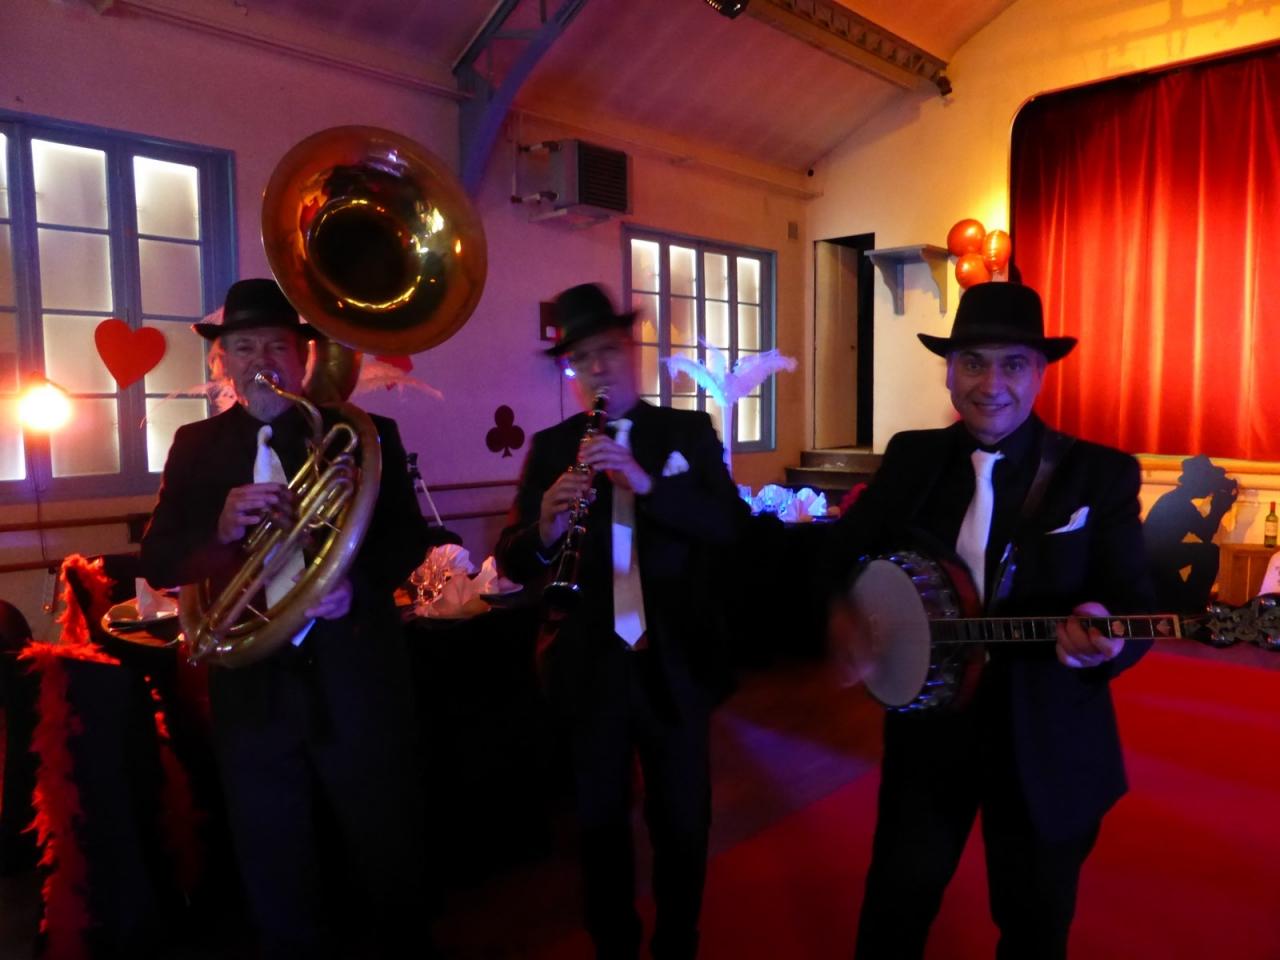 Jazzband années 20 Gatsby pour une soirée prohibition